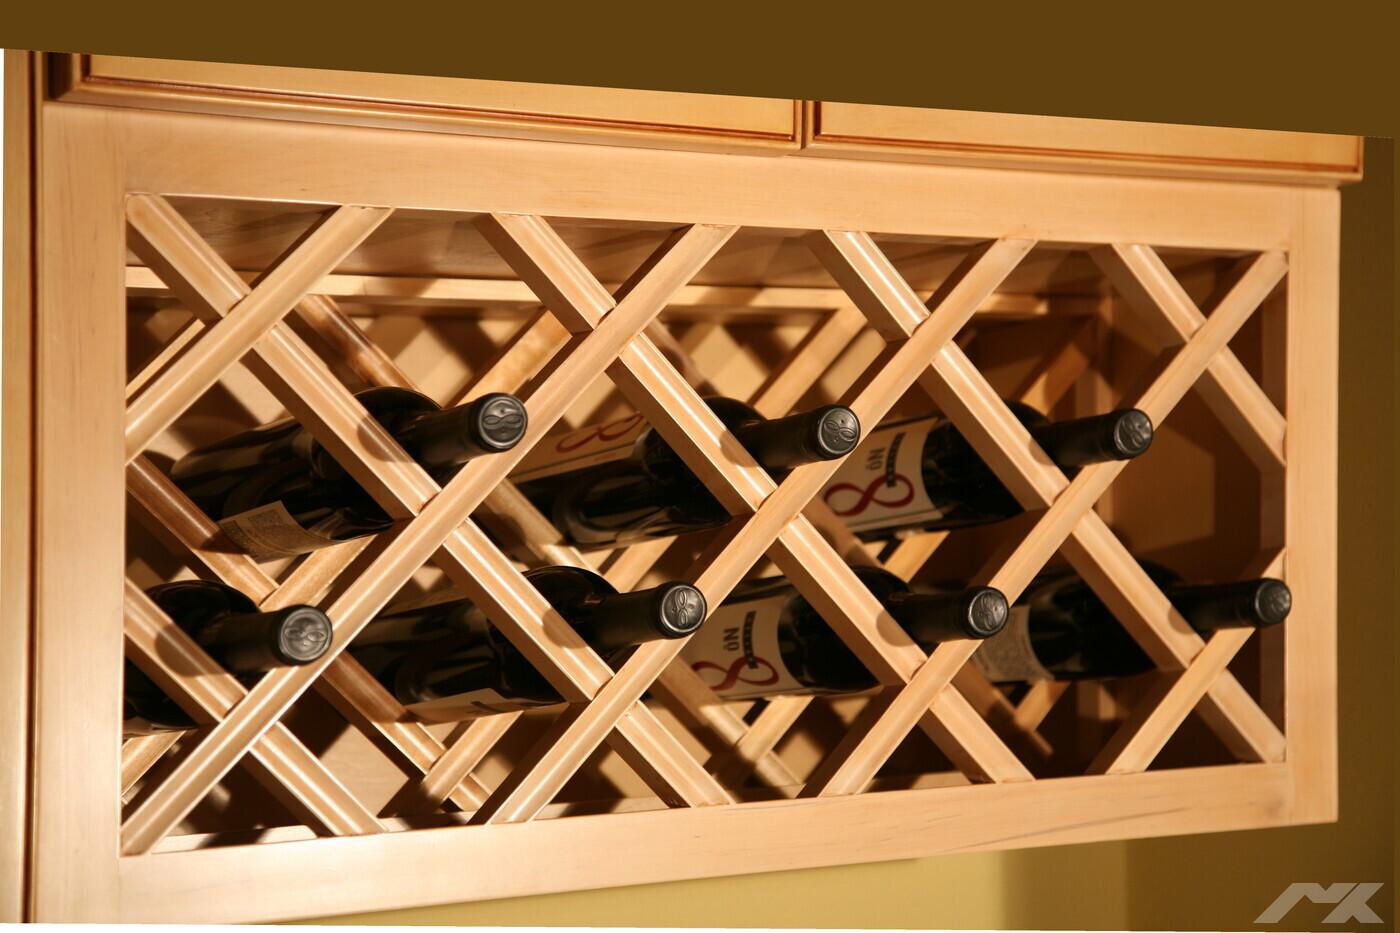 Stojaki Na Wino W Kuchni Portal Branżowy Meble Kuchenne